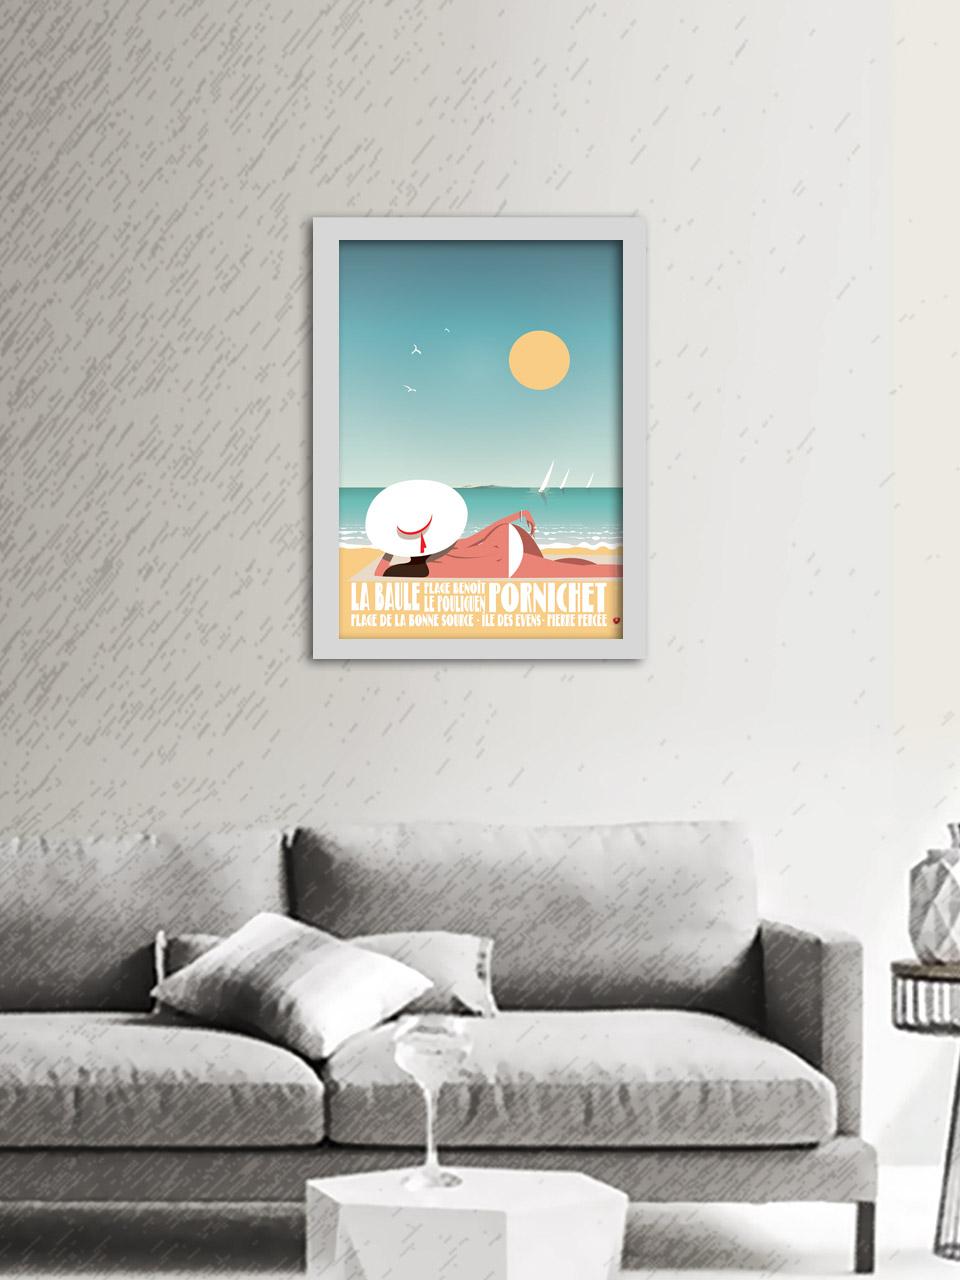 Affiche Bauloisement Baie de La baule Pornichet Le Pouliguen